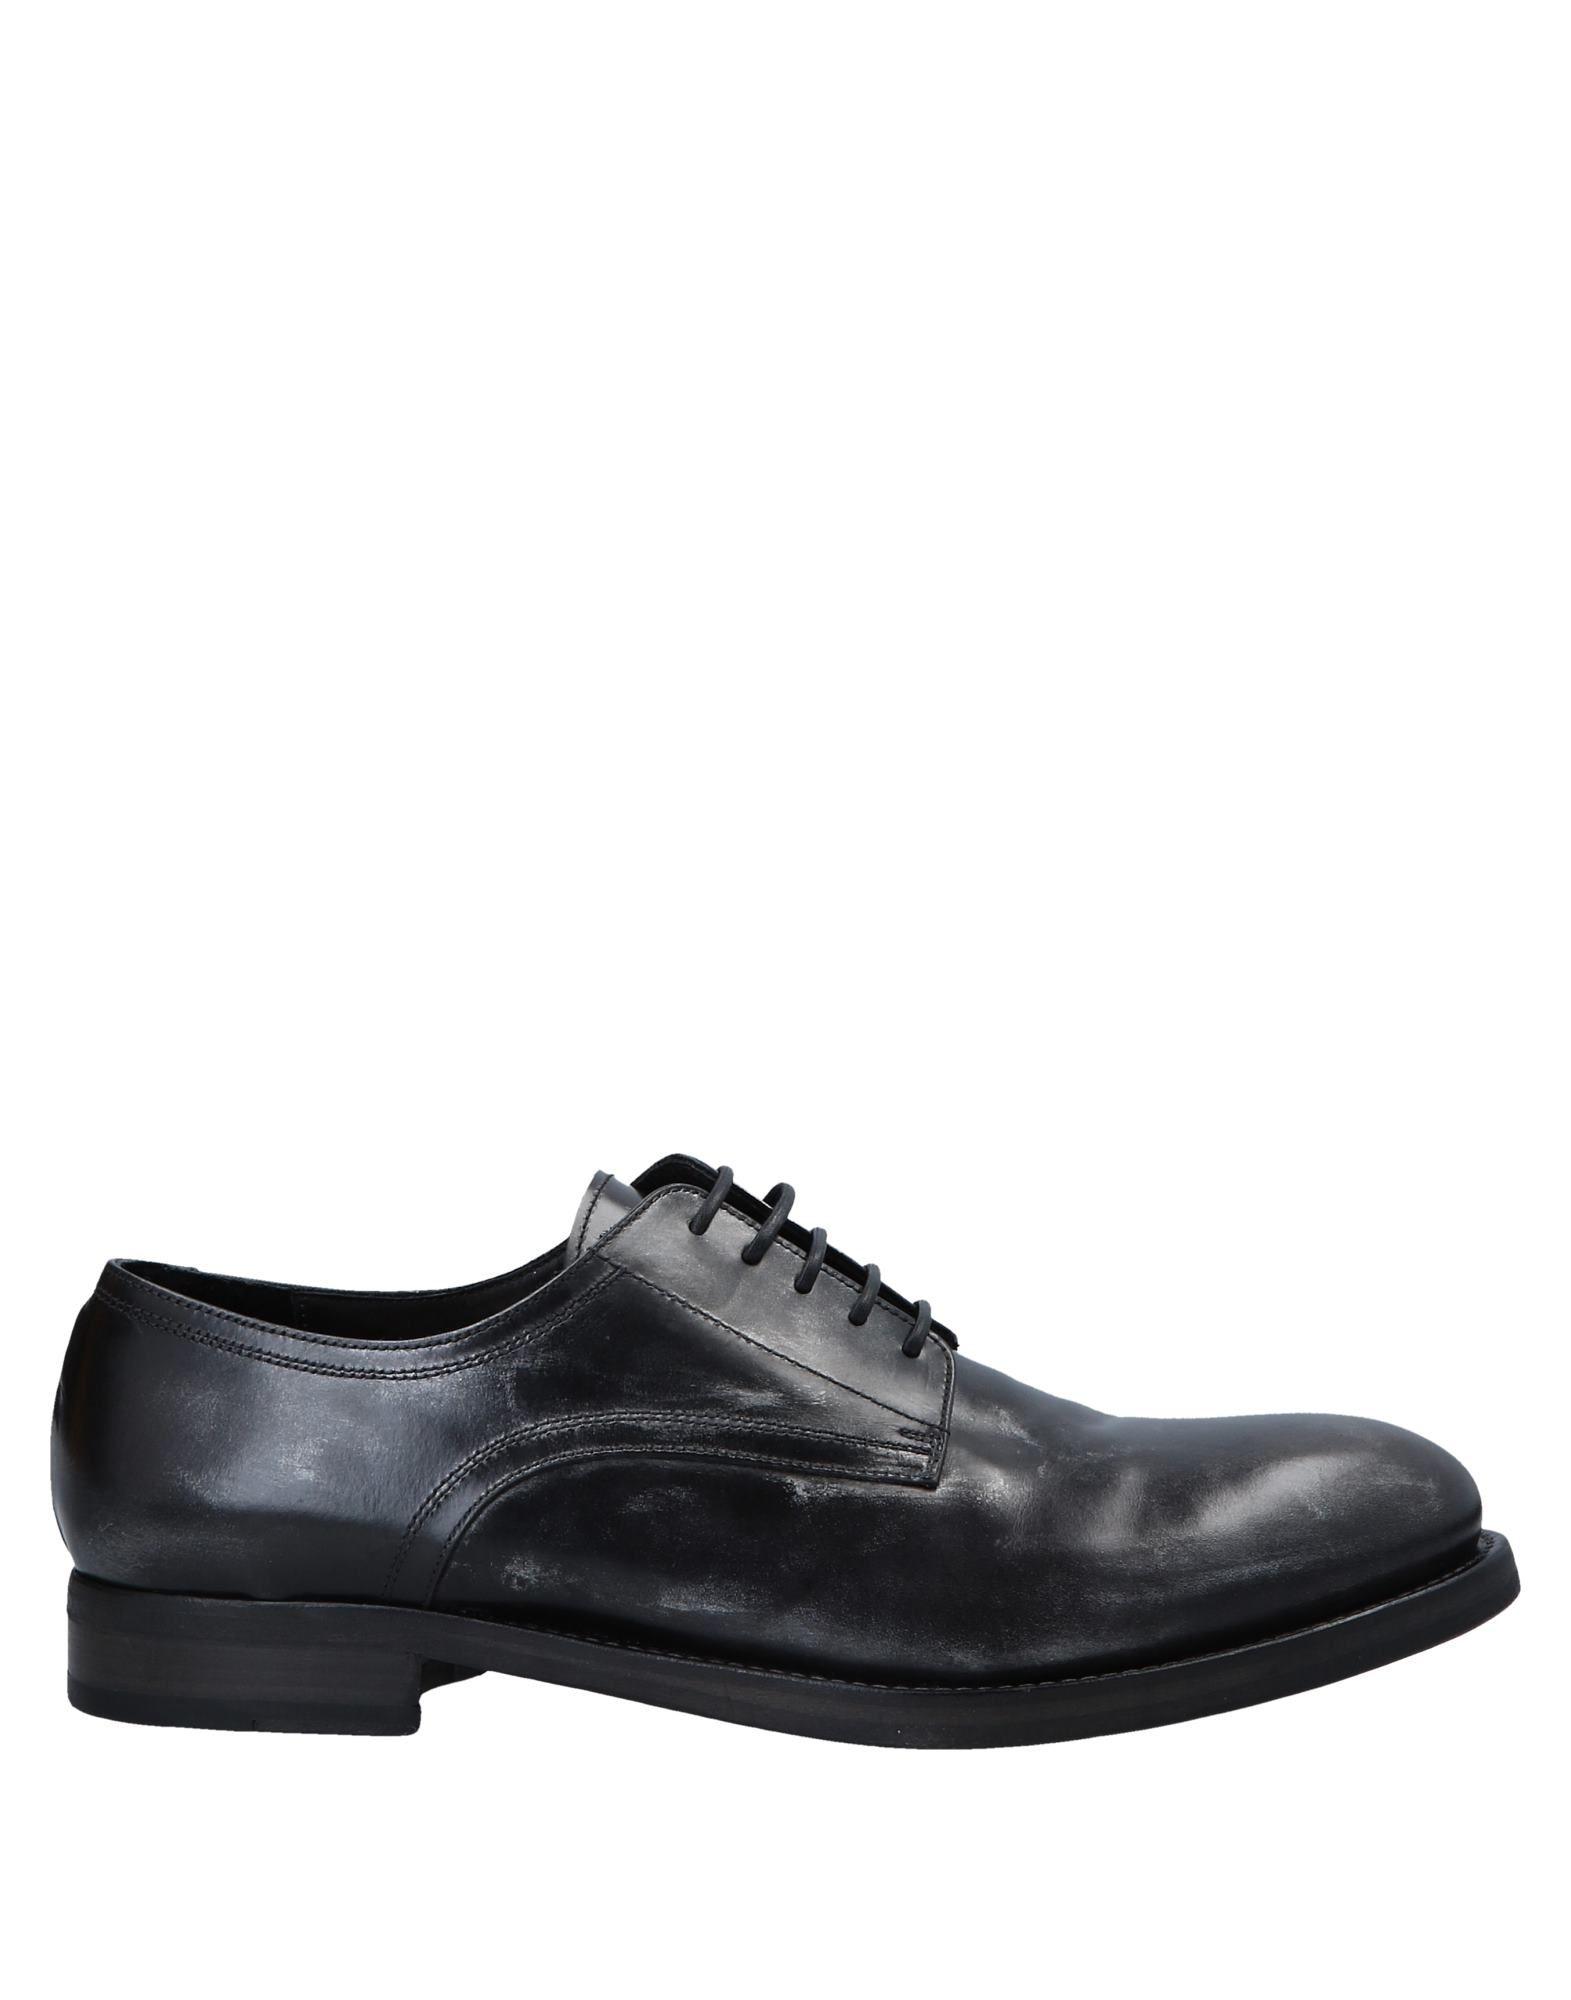 I.N.K. Shoes Schnürschuhe Herren  11554576QU Gute Qualität beliebte Schuhe